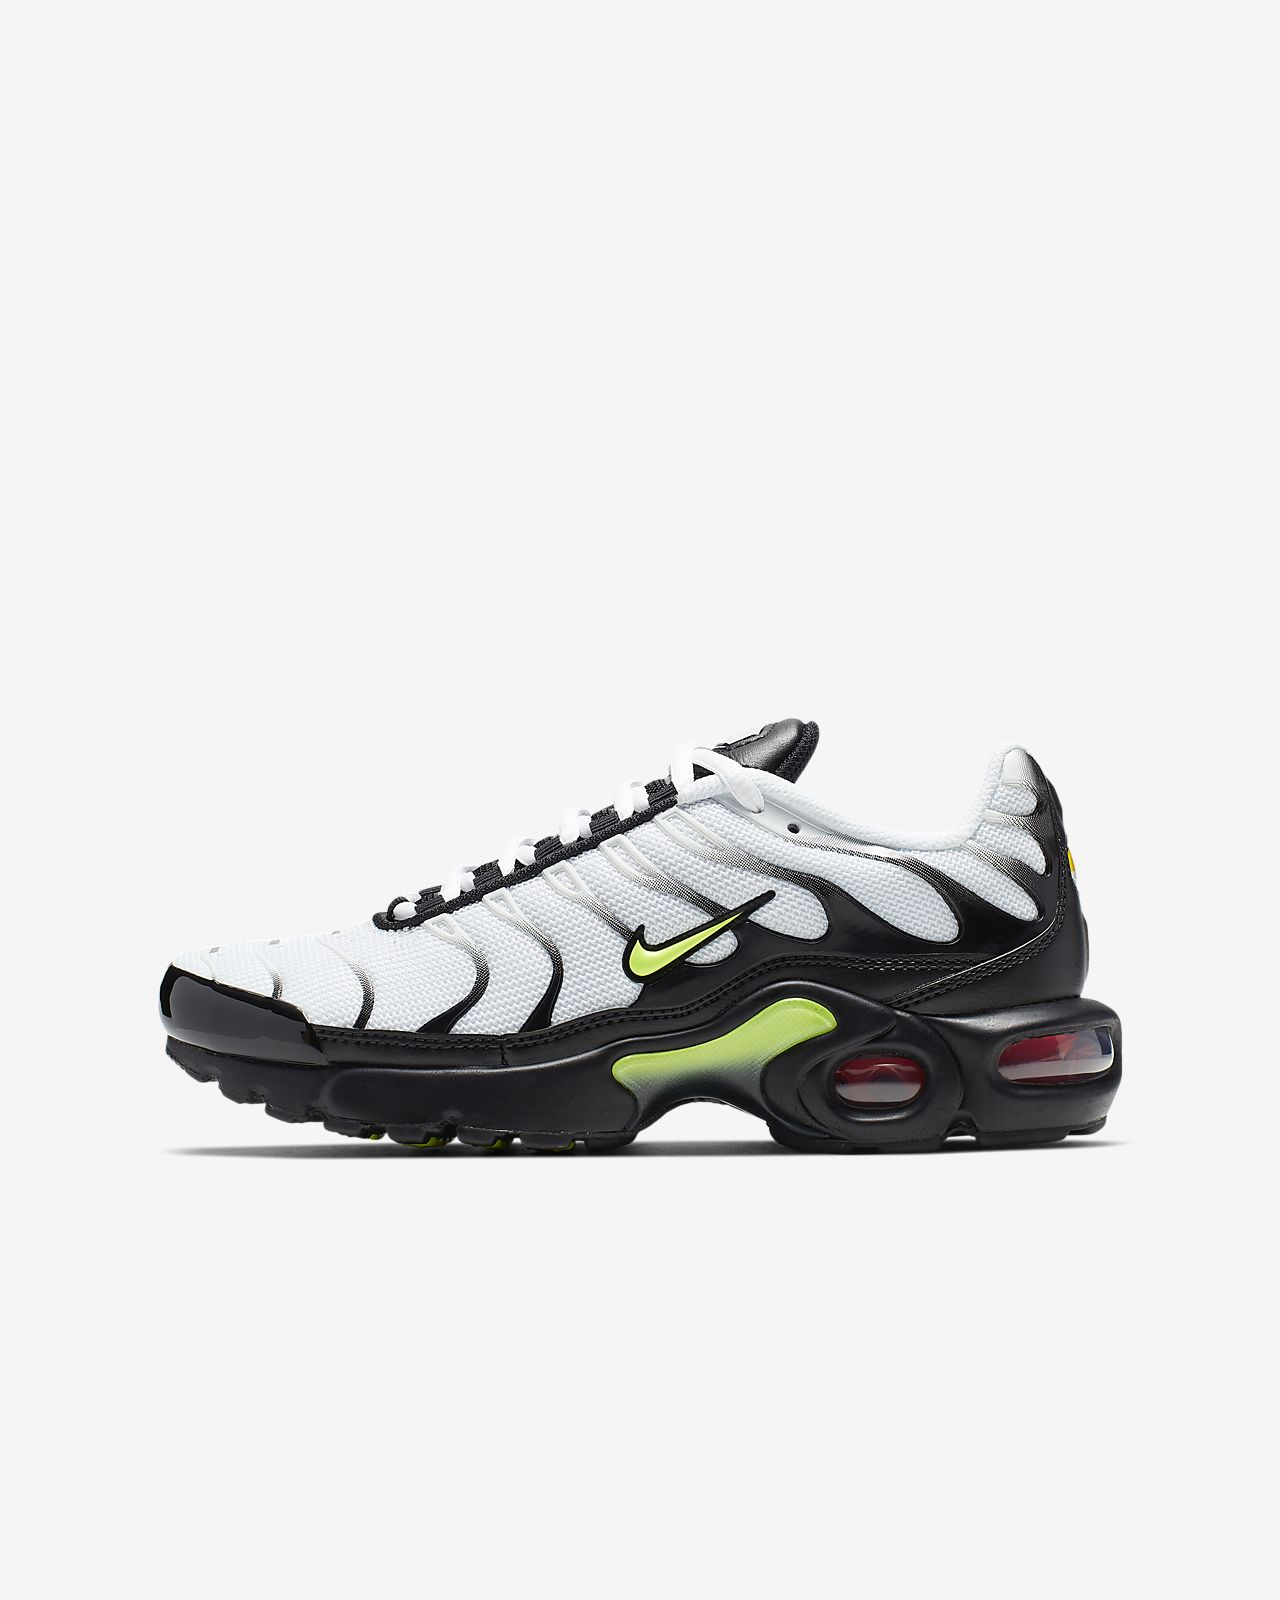 timeless design fe5d9 dead1 Nike Air Max Plus RF Genç Çocuk Ayakkabısı